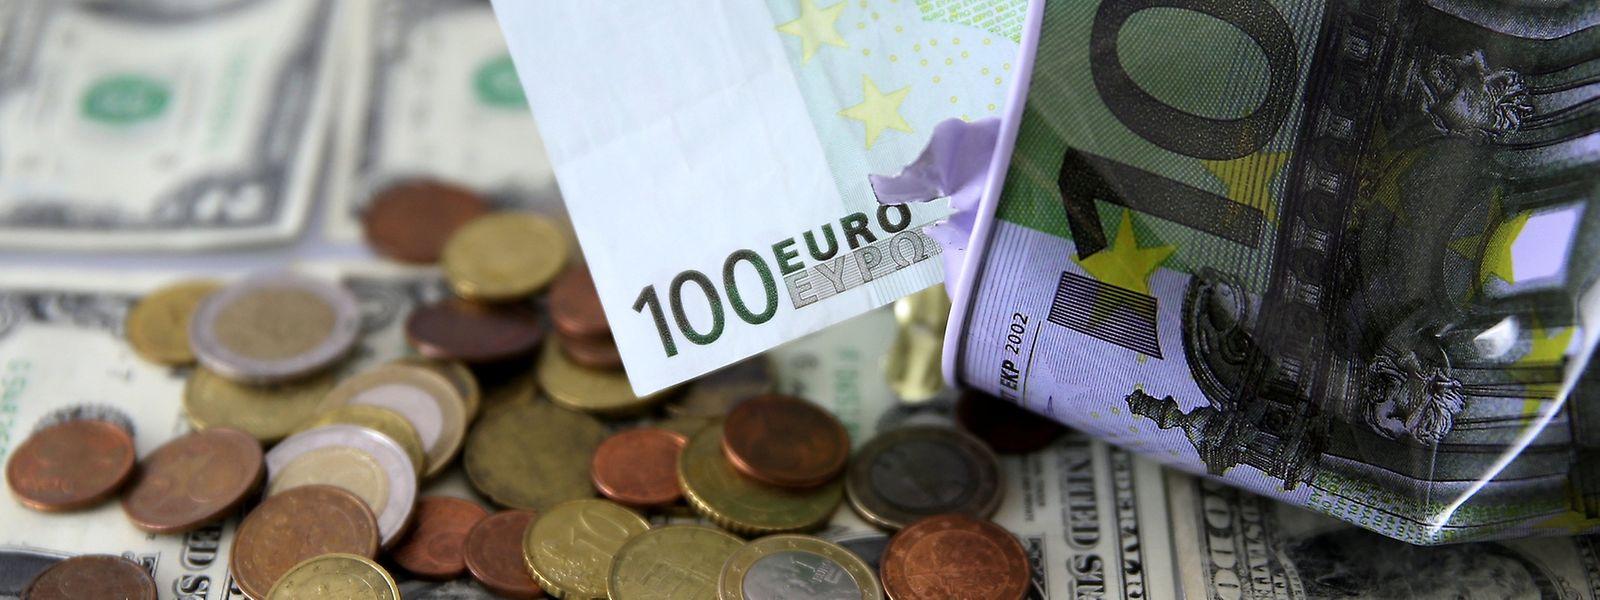 Wieweit die Regelung das Ende des Bargelds bedeutet, muss sich zeigen.